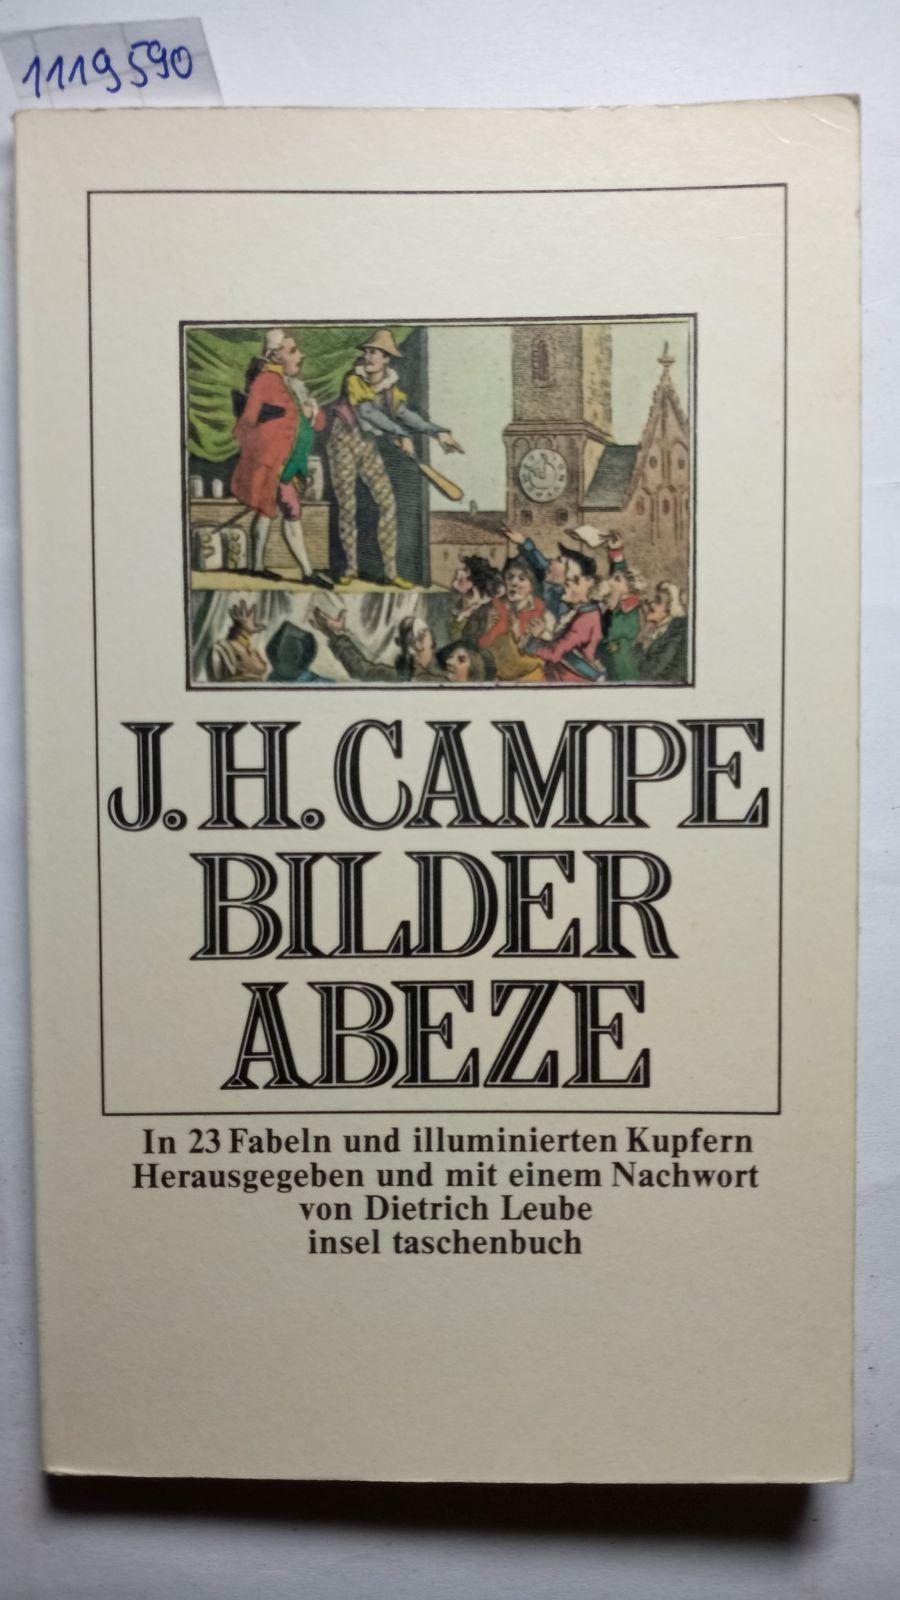 Bilder-Abeze : in 23 Fabeln und illuminierten: Joachim Heinrich Campe: